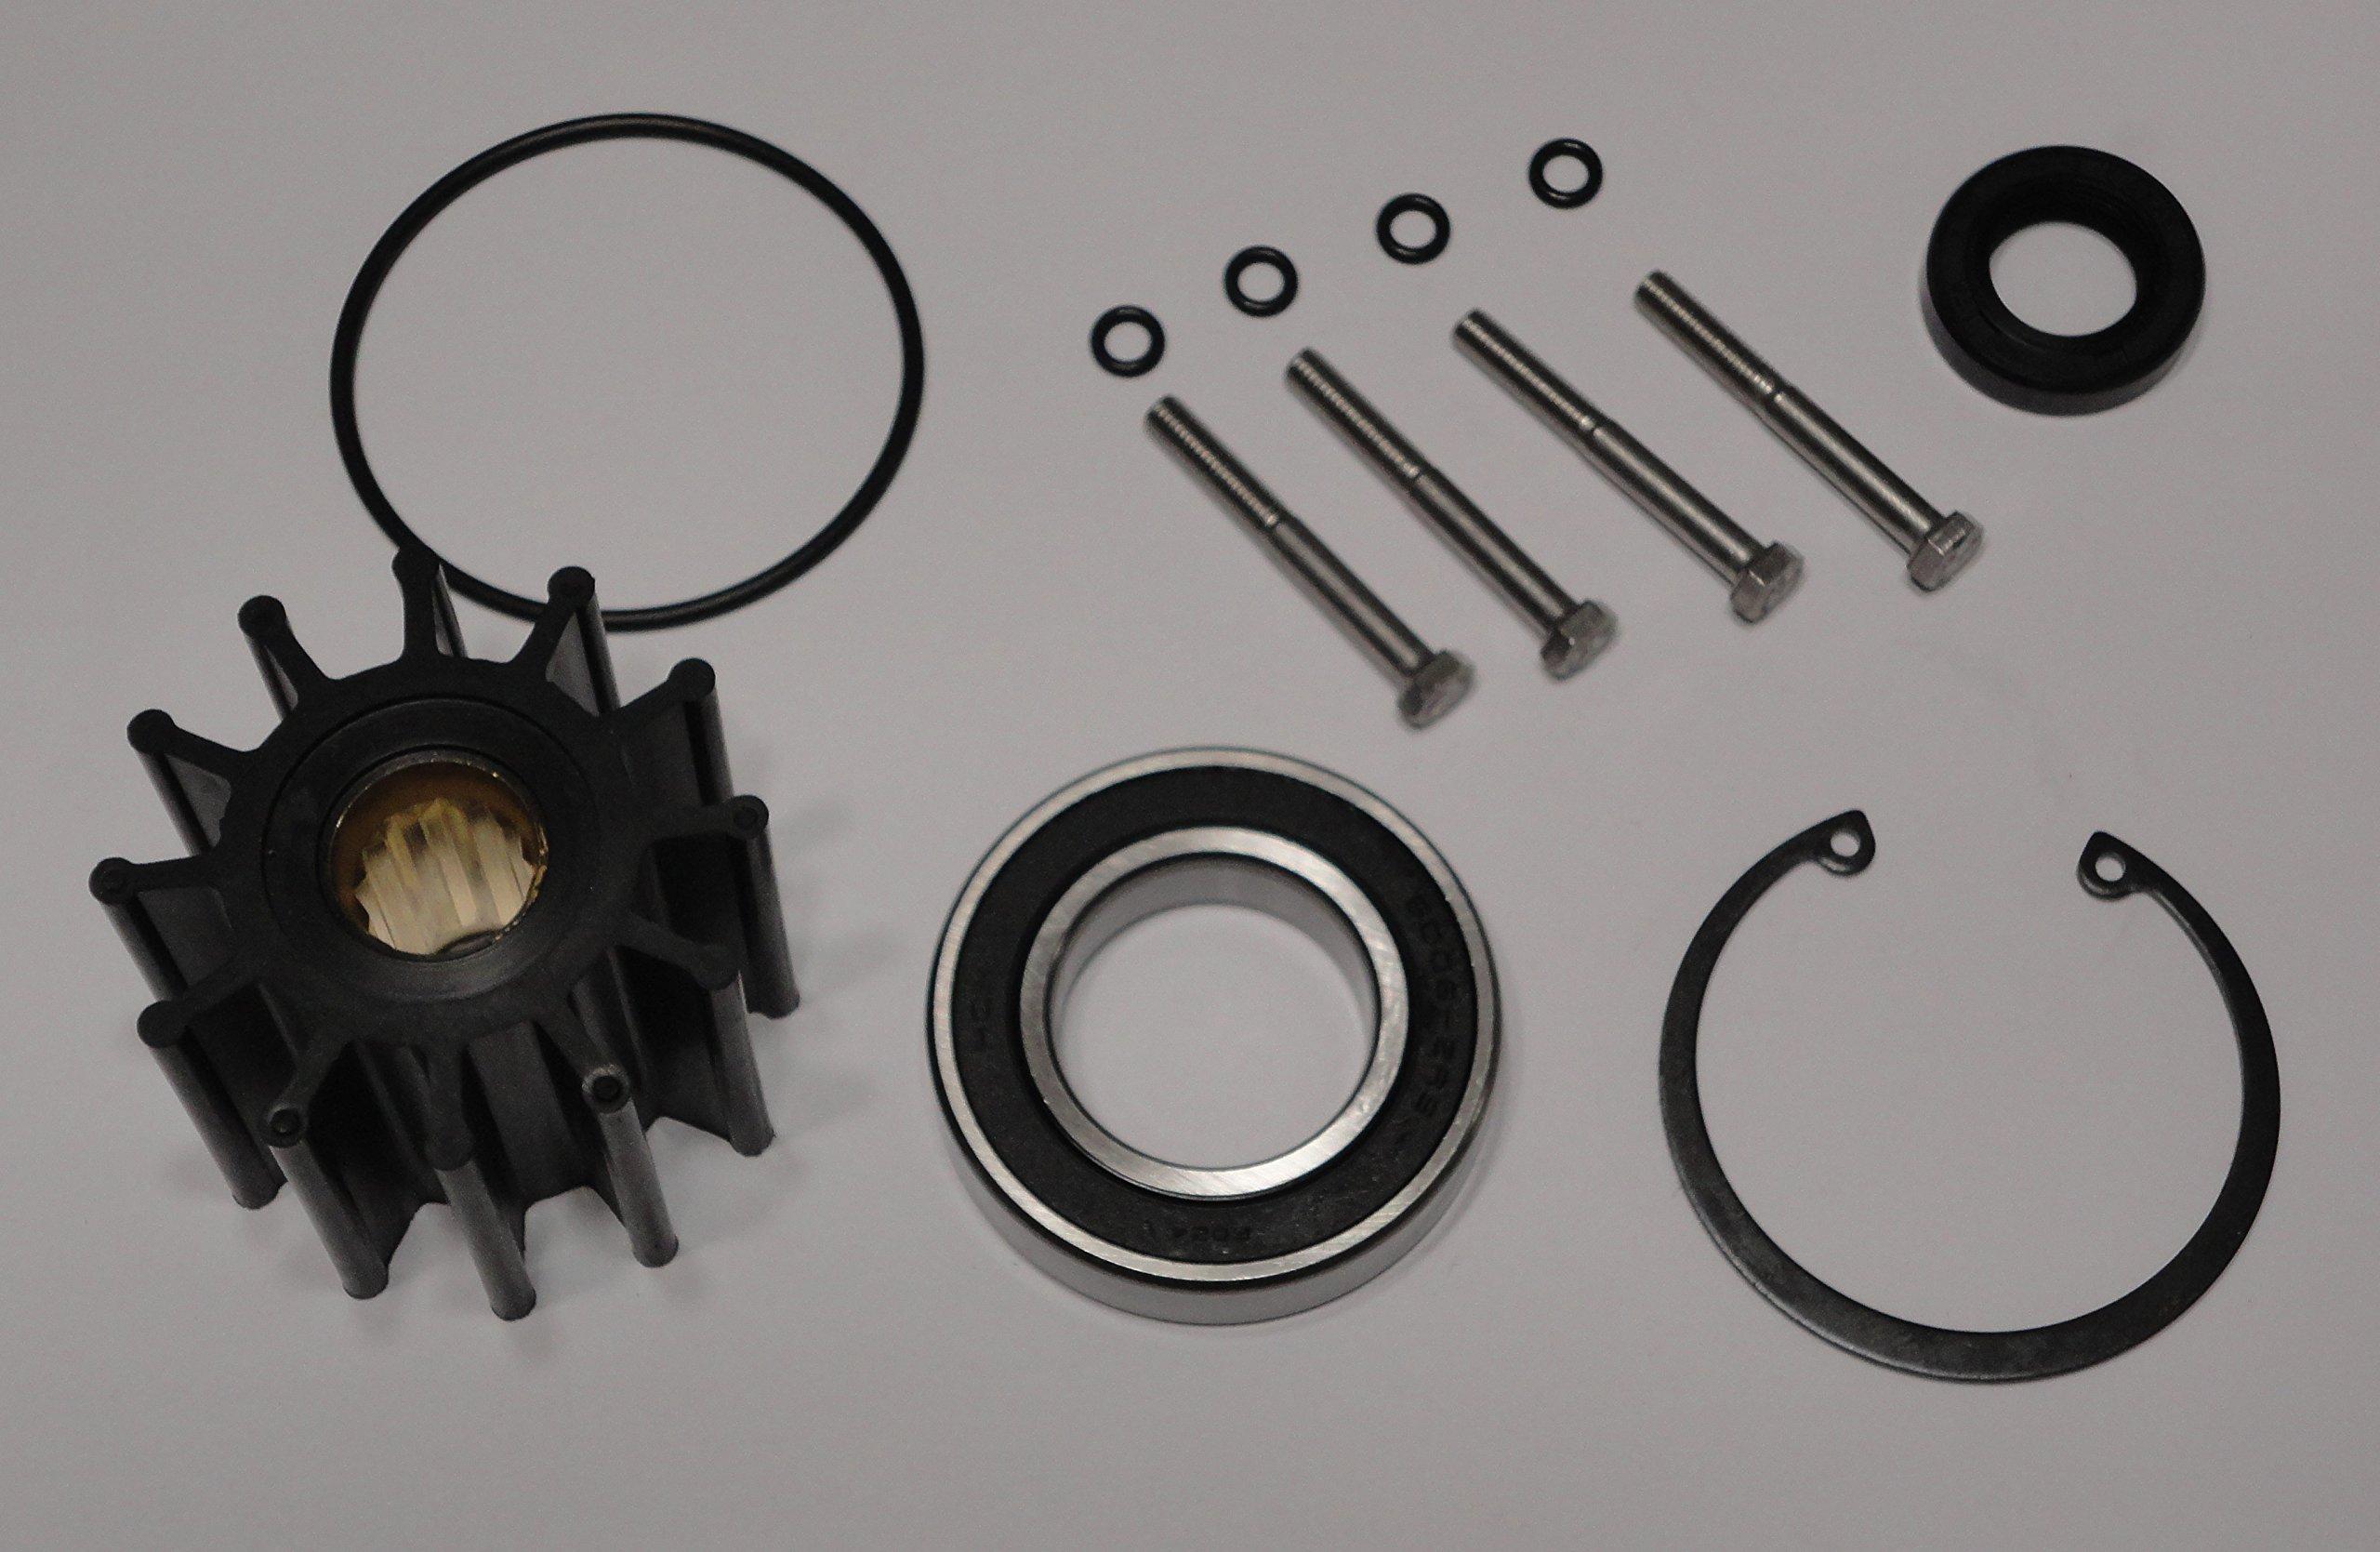 StayCoolPumps 2005 & Newer Volvo Penta Gas Sterndrive Raw Water Pump Repair Rebuild Kit Crankshaft Mounted